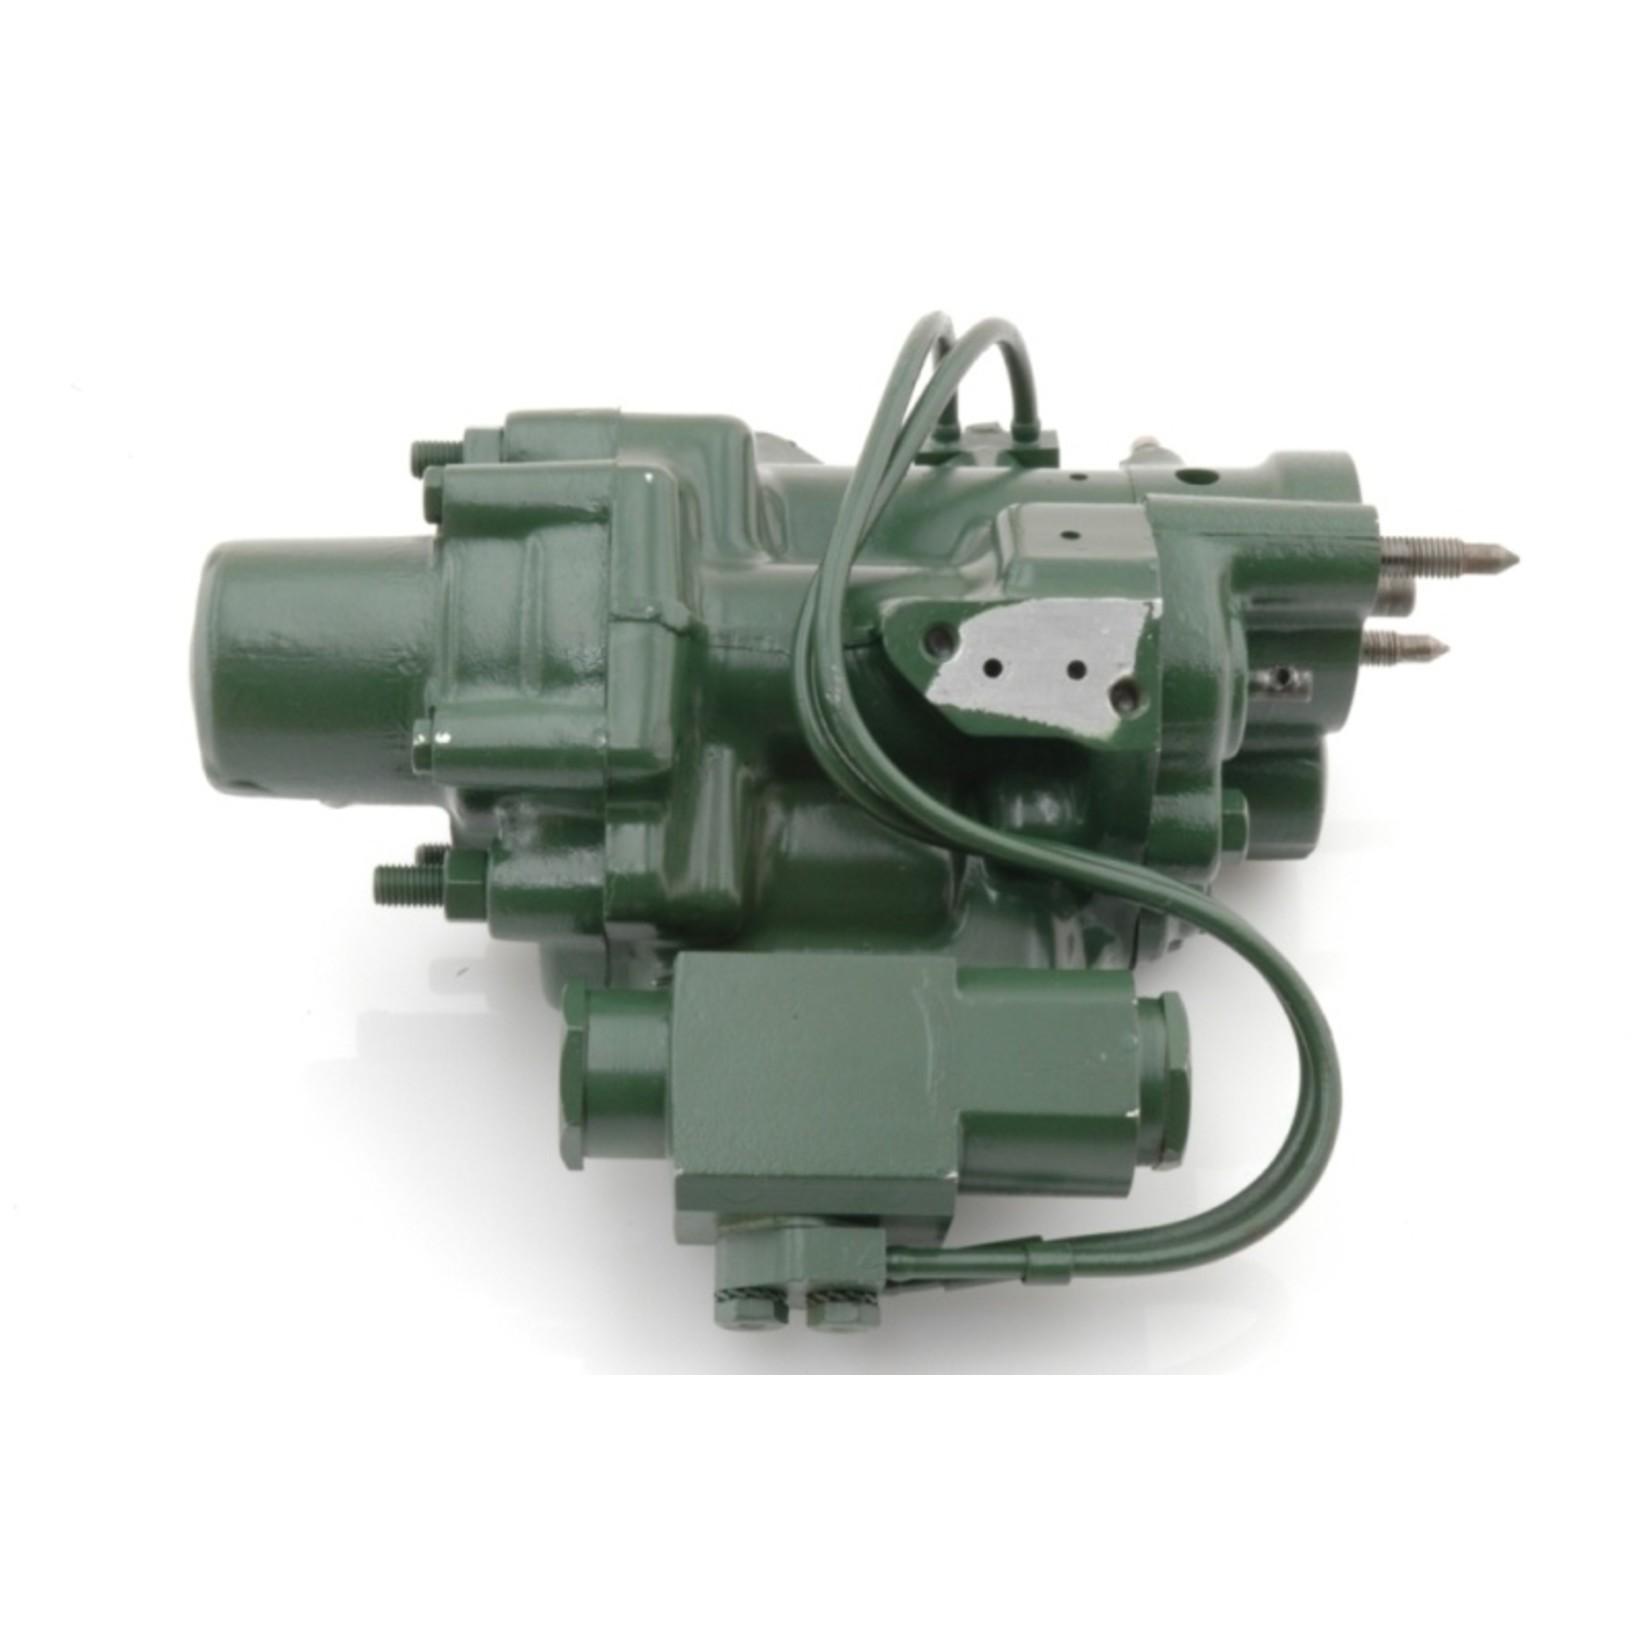 Bloc hydraulique reconditionnée LHM Nr Org: DXN33407